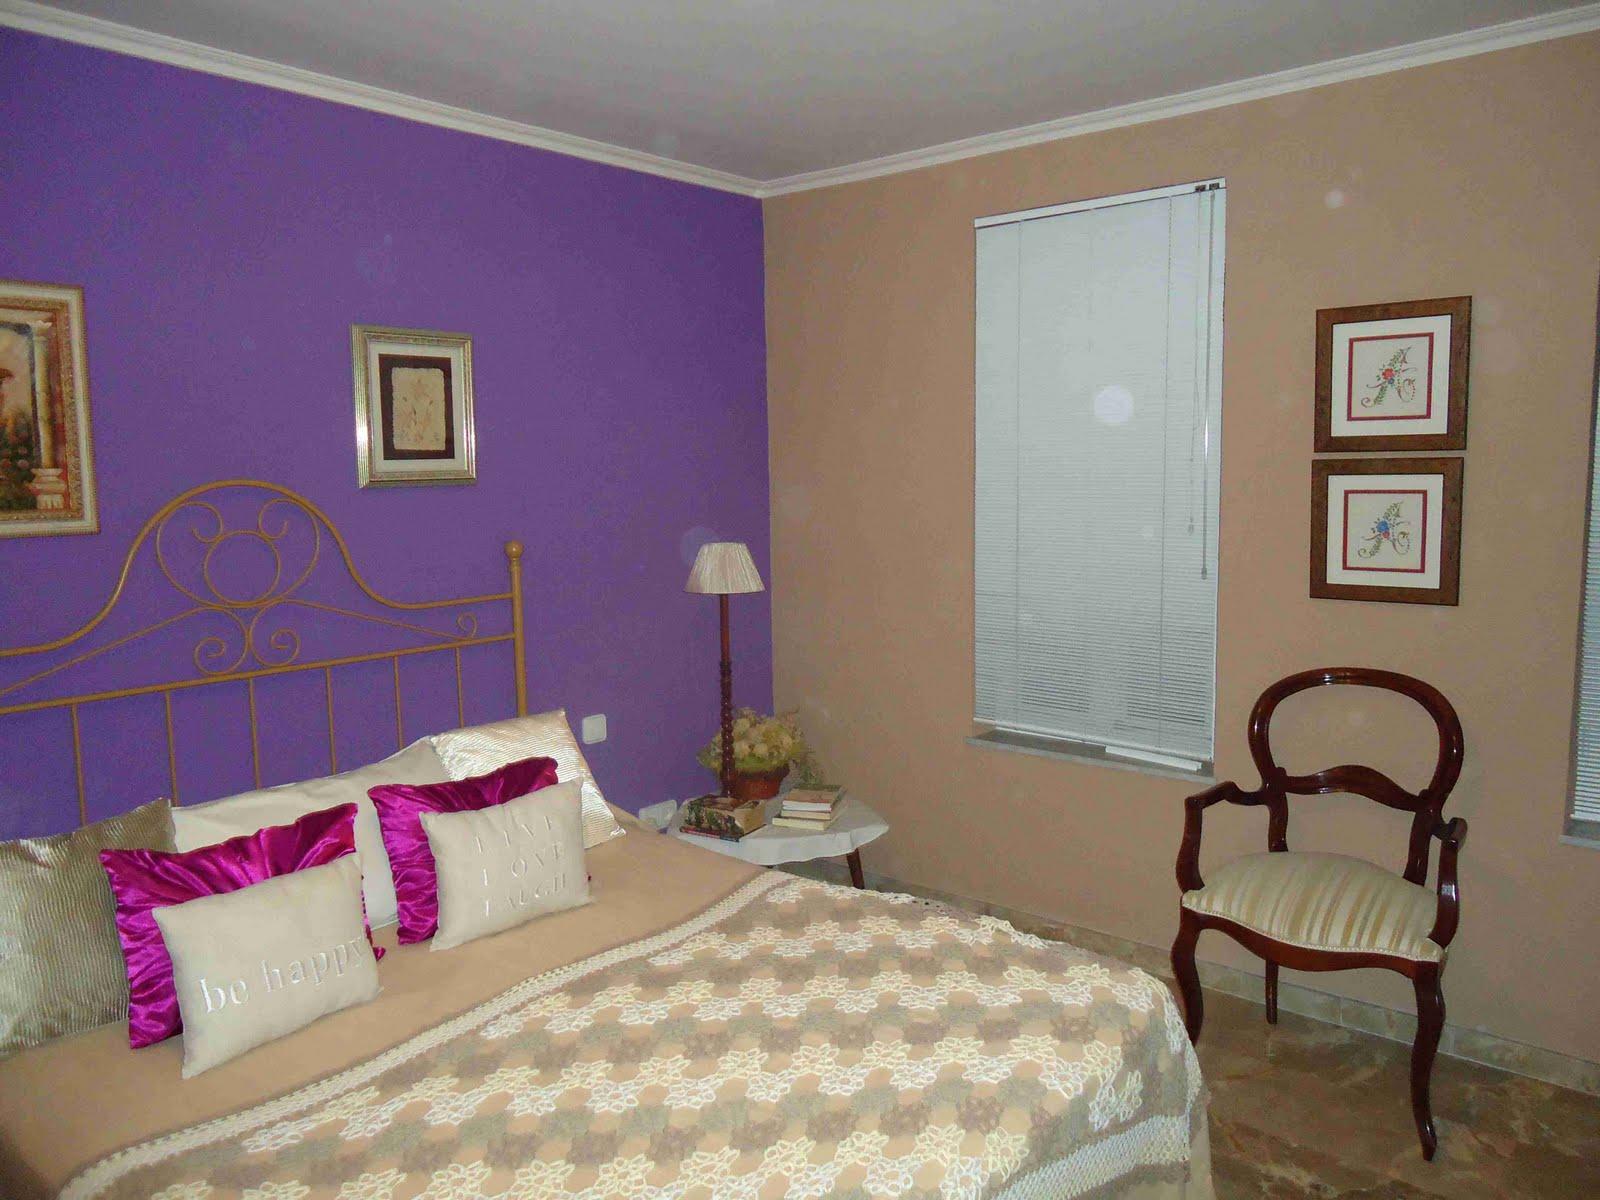 Colores de pintura para interiores imagui - Colores de pintura para interiores ...